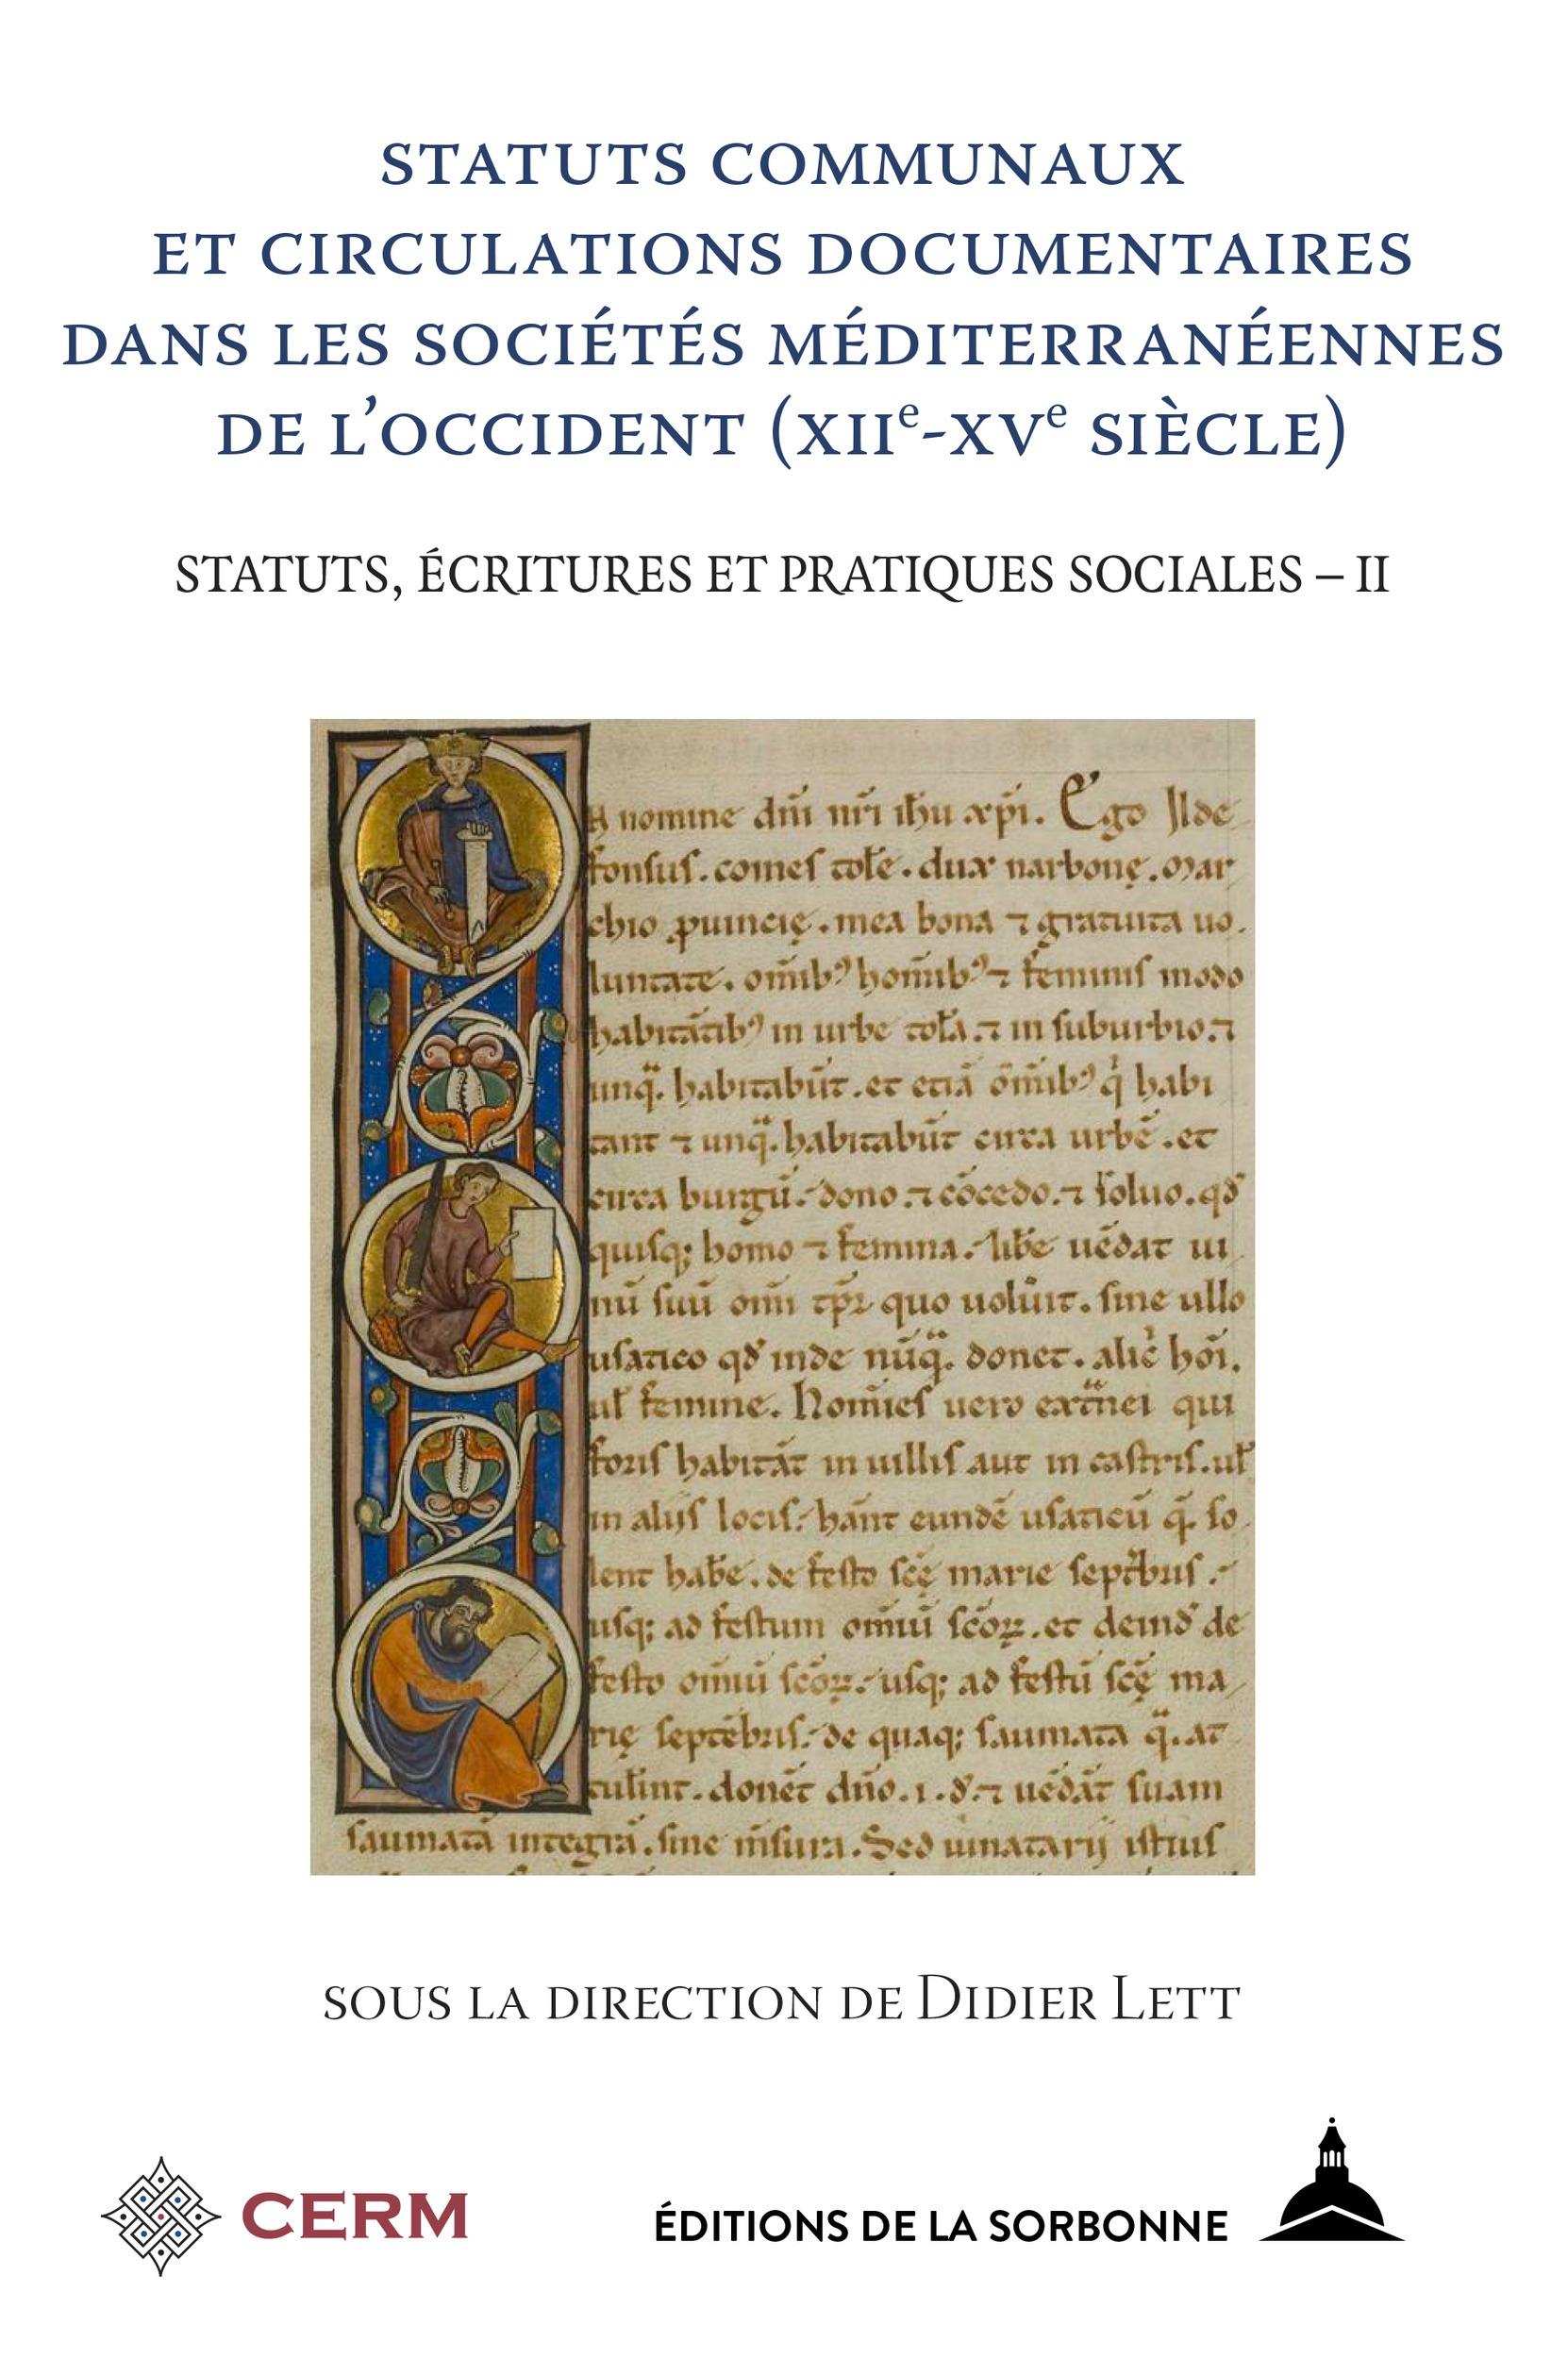 Statuts communaux et circulations documentaires dans les sociétés méditerranéenn de l'Occident (XIIe-XVe siècle) t.2